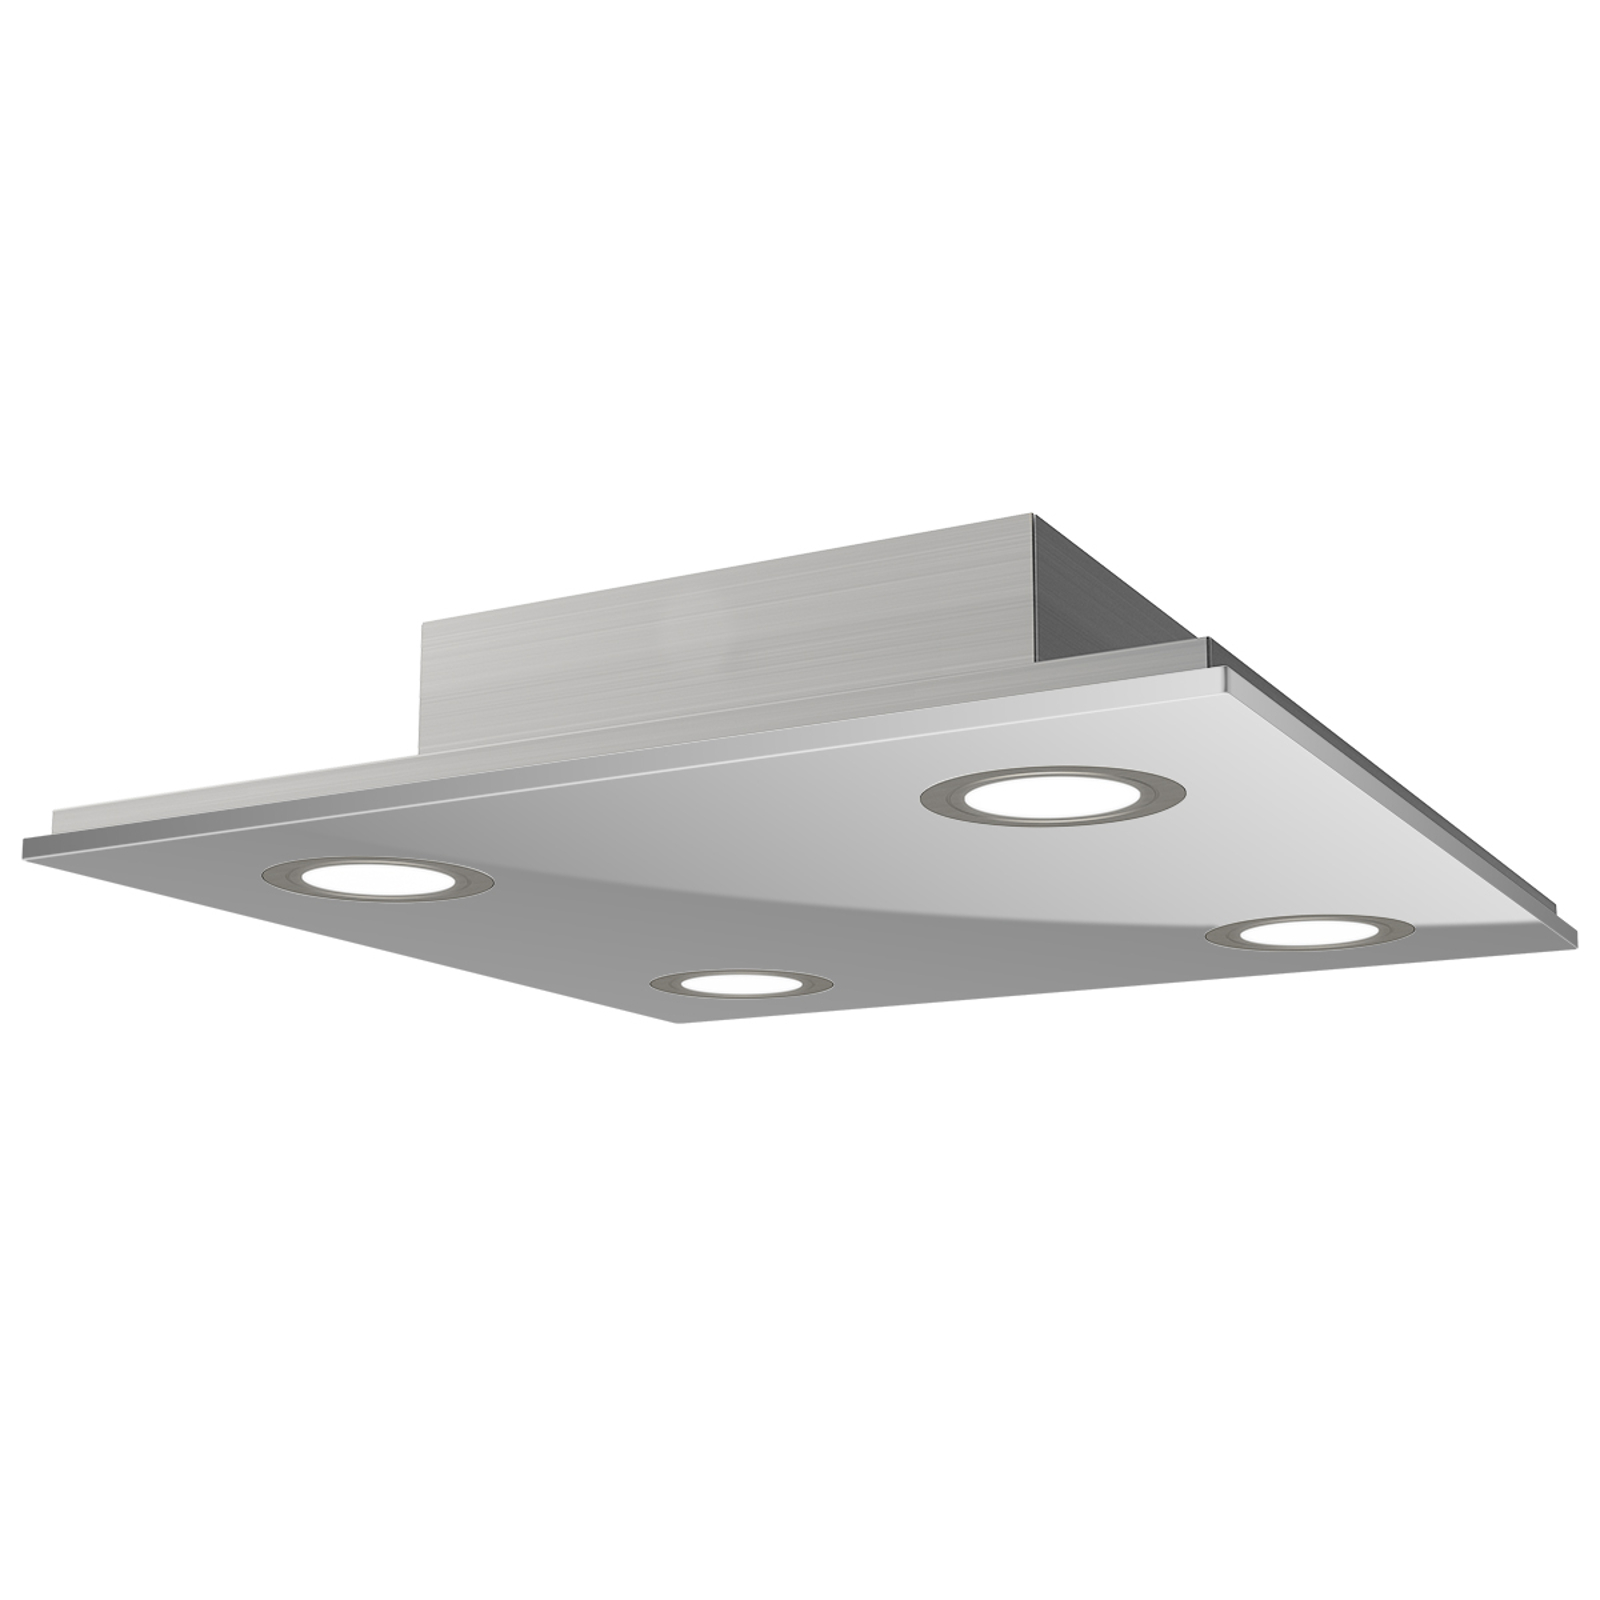 Vierkante LED-plafondlamp Pano, metallic